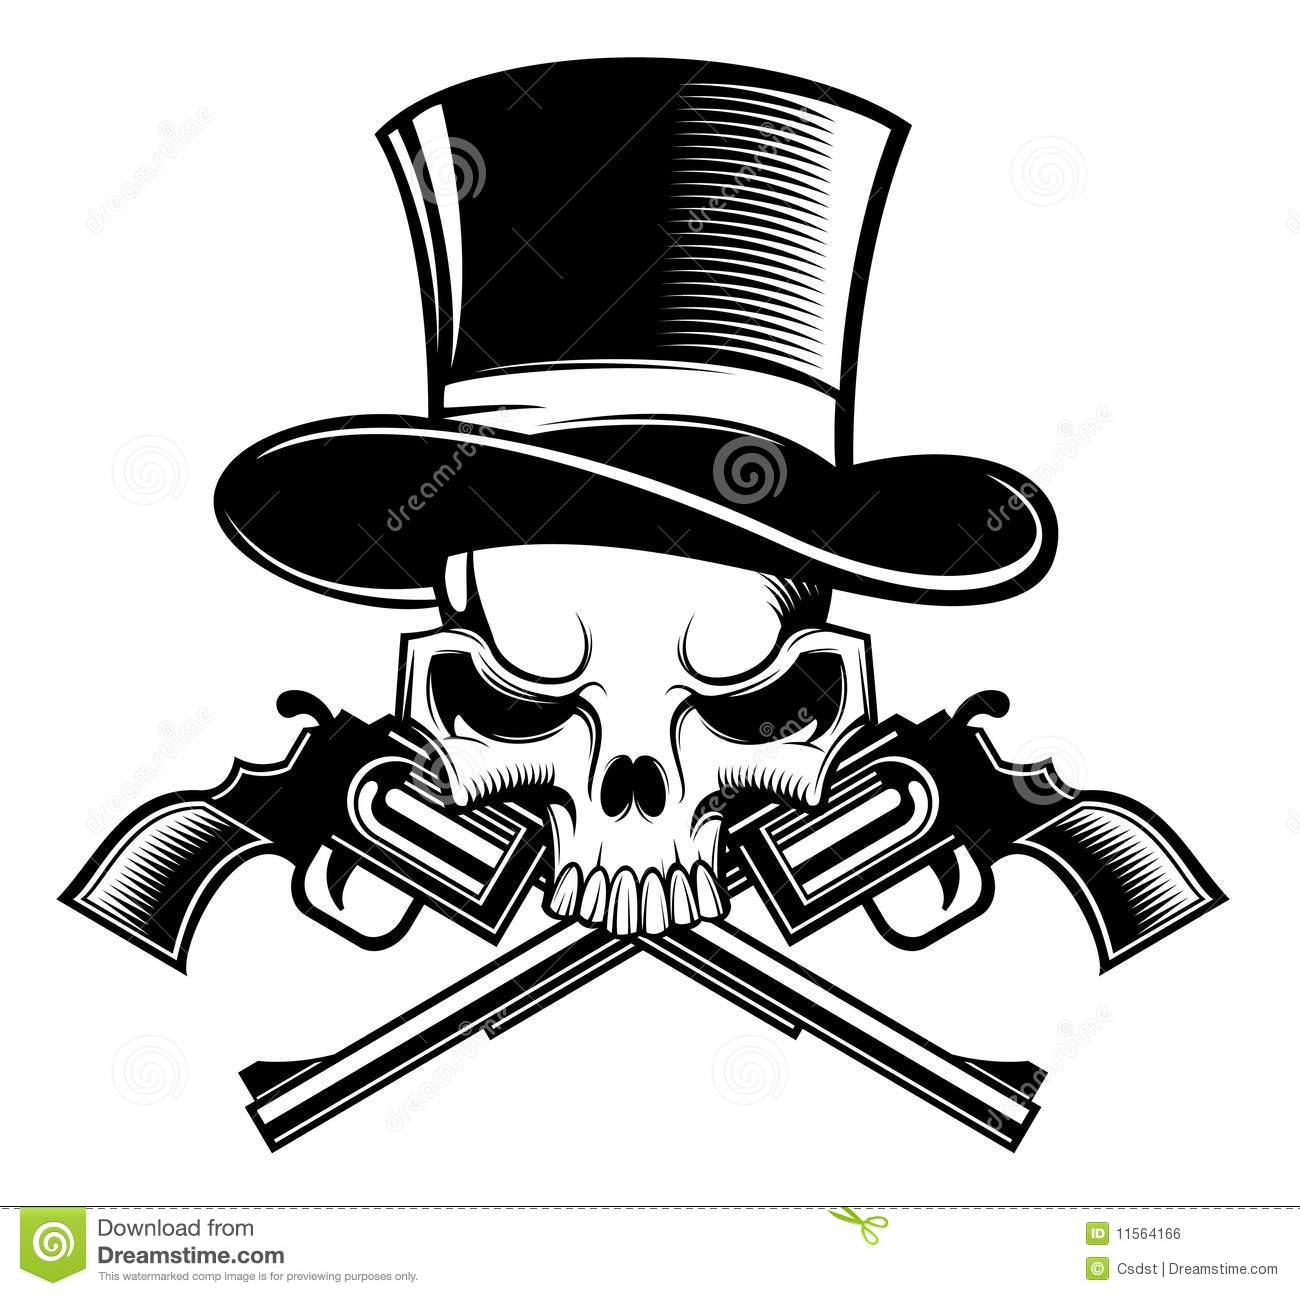 Pirate skull and guns - photo#20